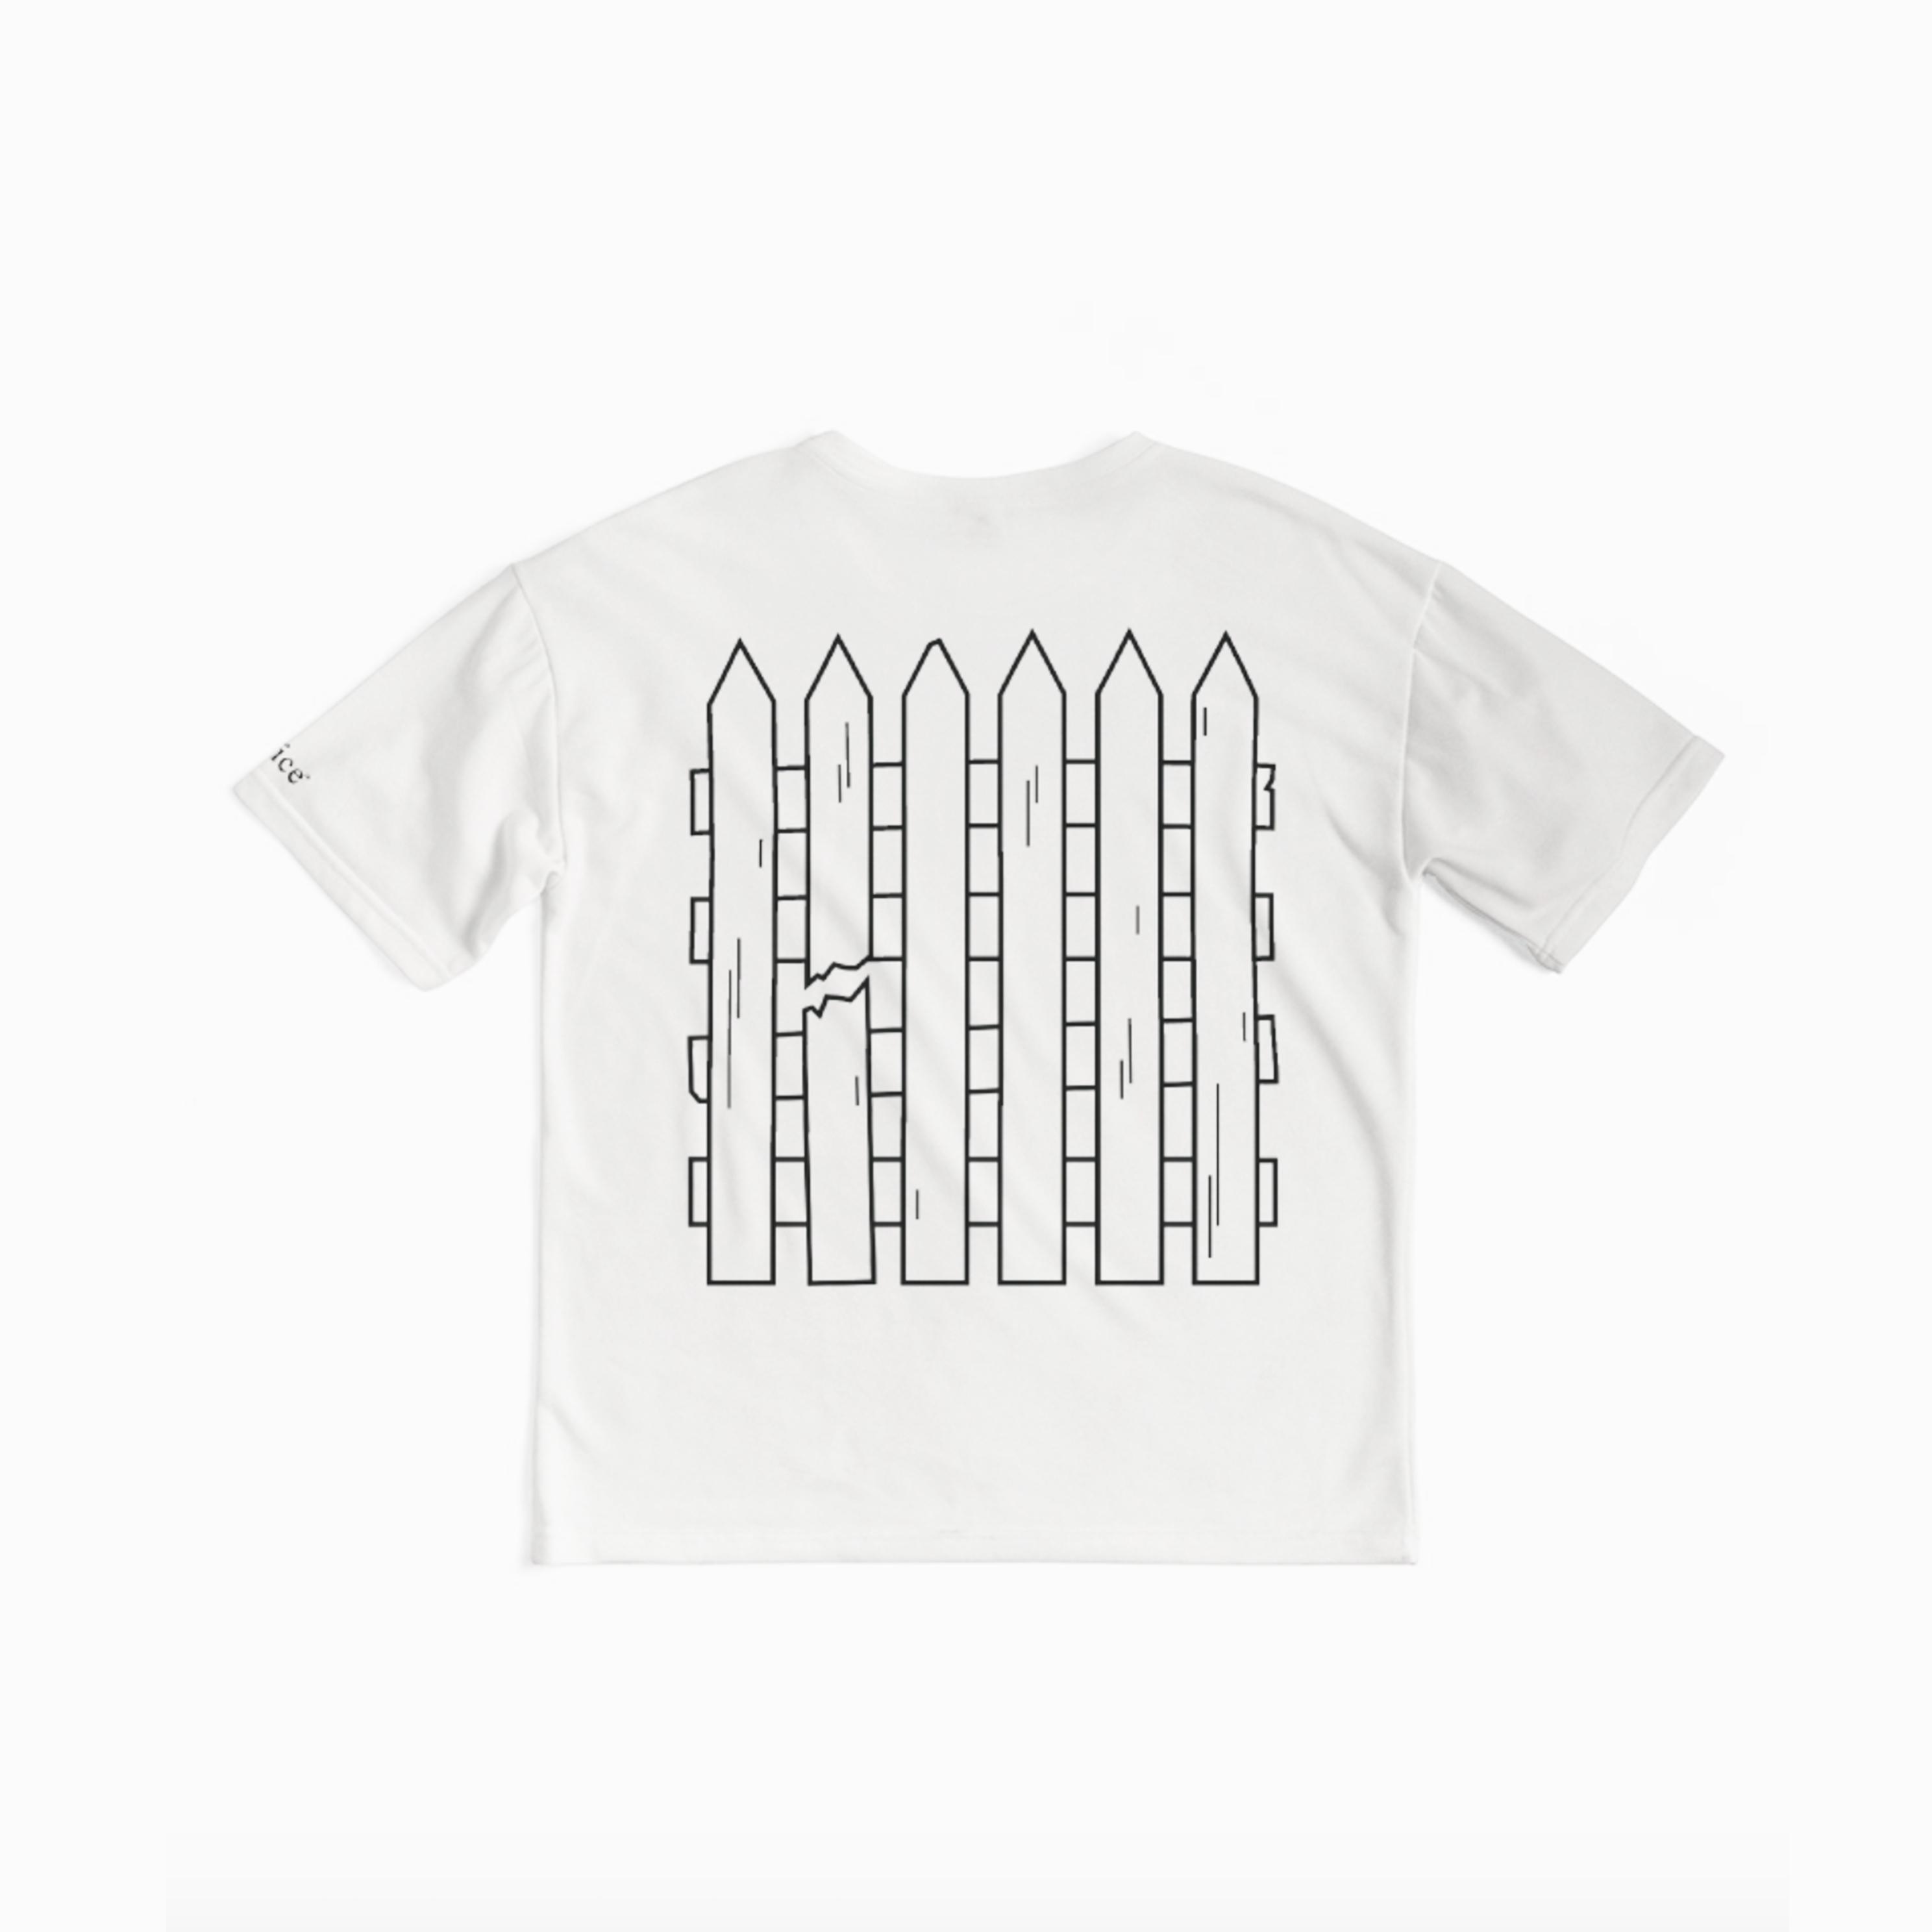 Axel Olson broken barriers t shirt design